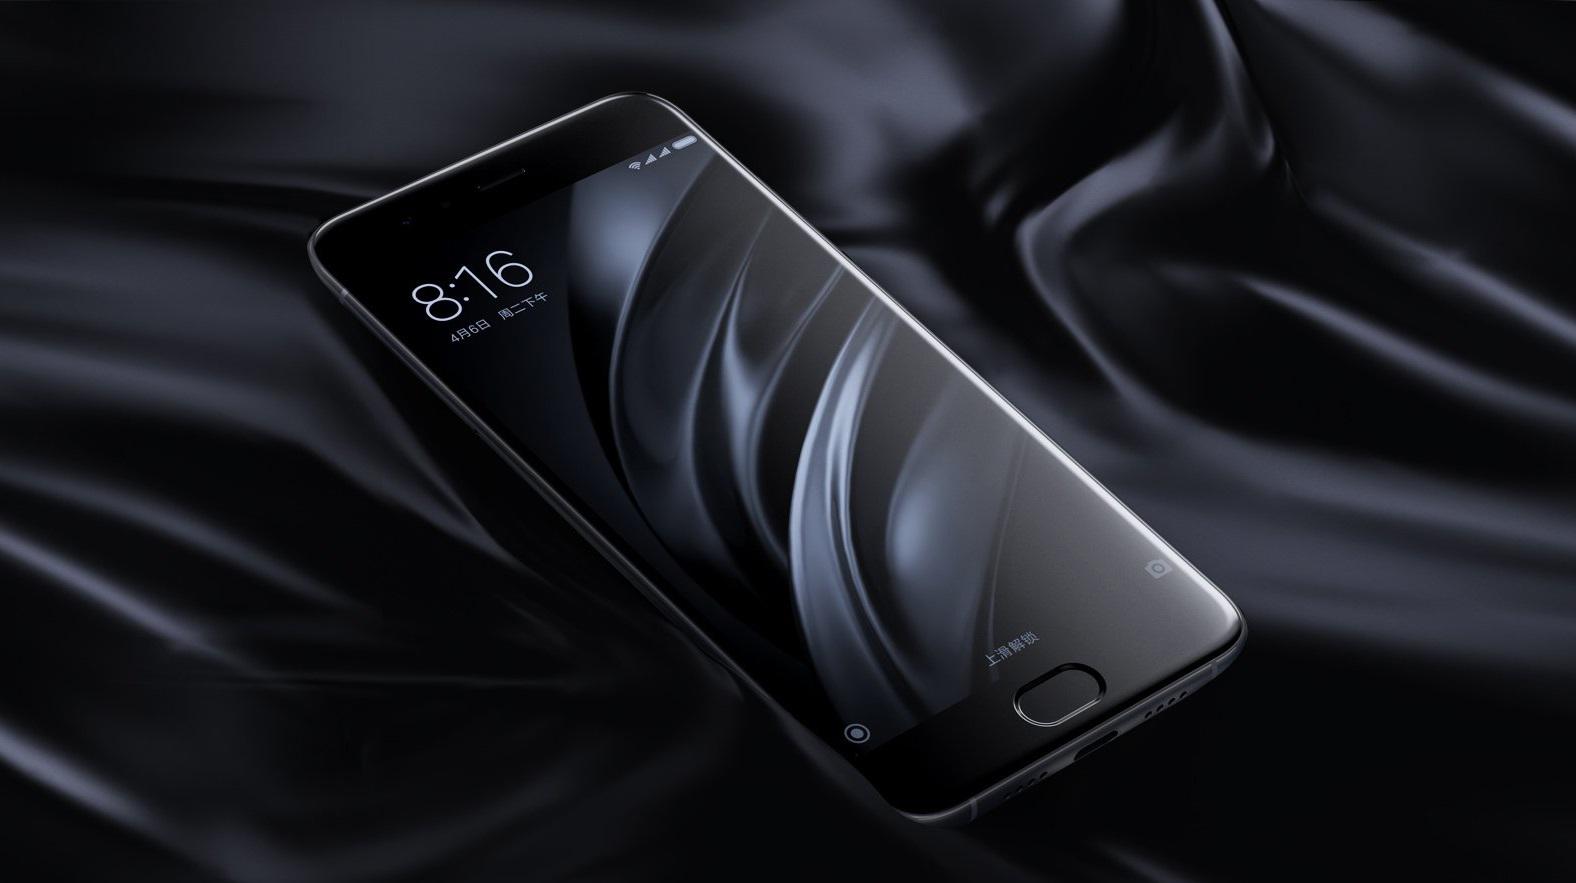 ТОП-10 лучших смартфонов 2017 года: бюджетные, недорогие и флагманские смартфоны | Канобу - Изображение 11